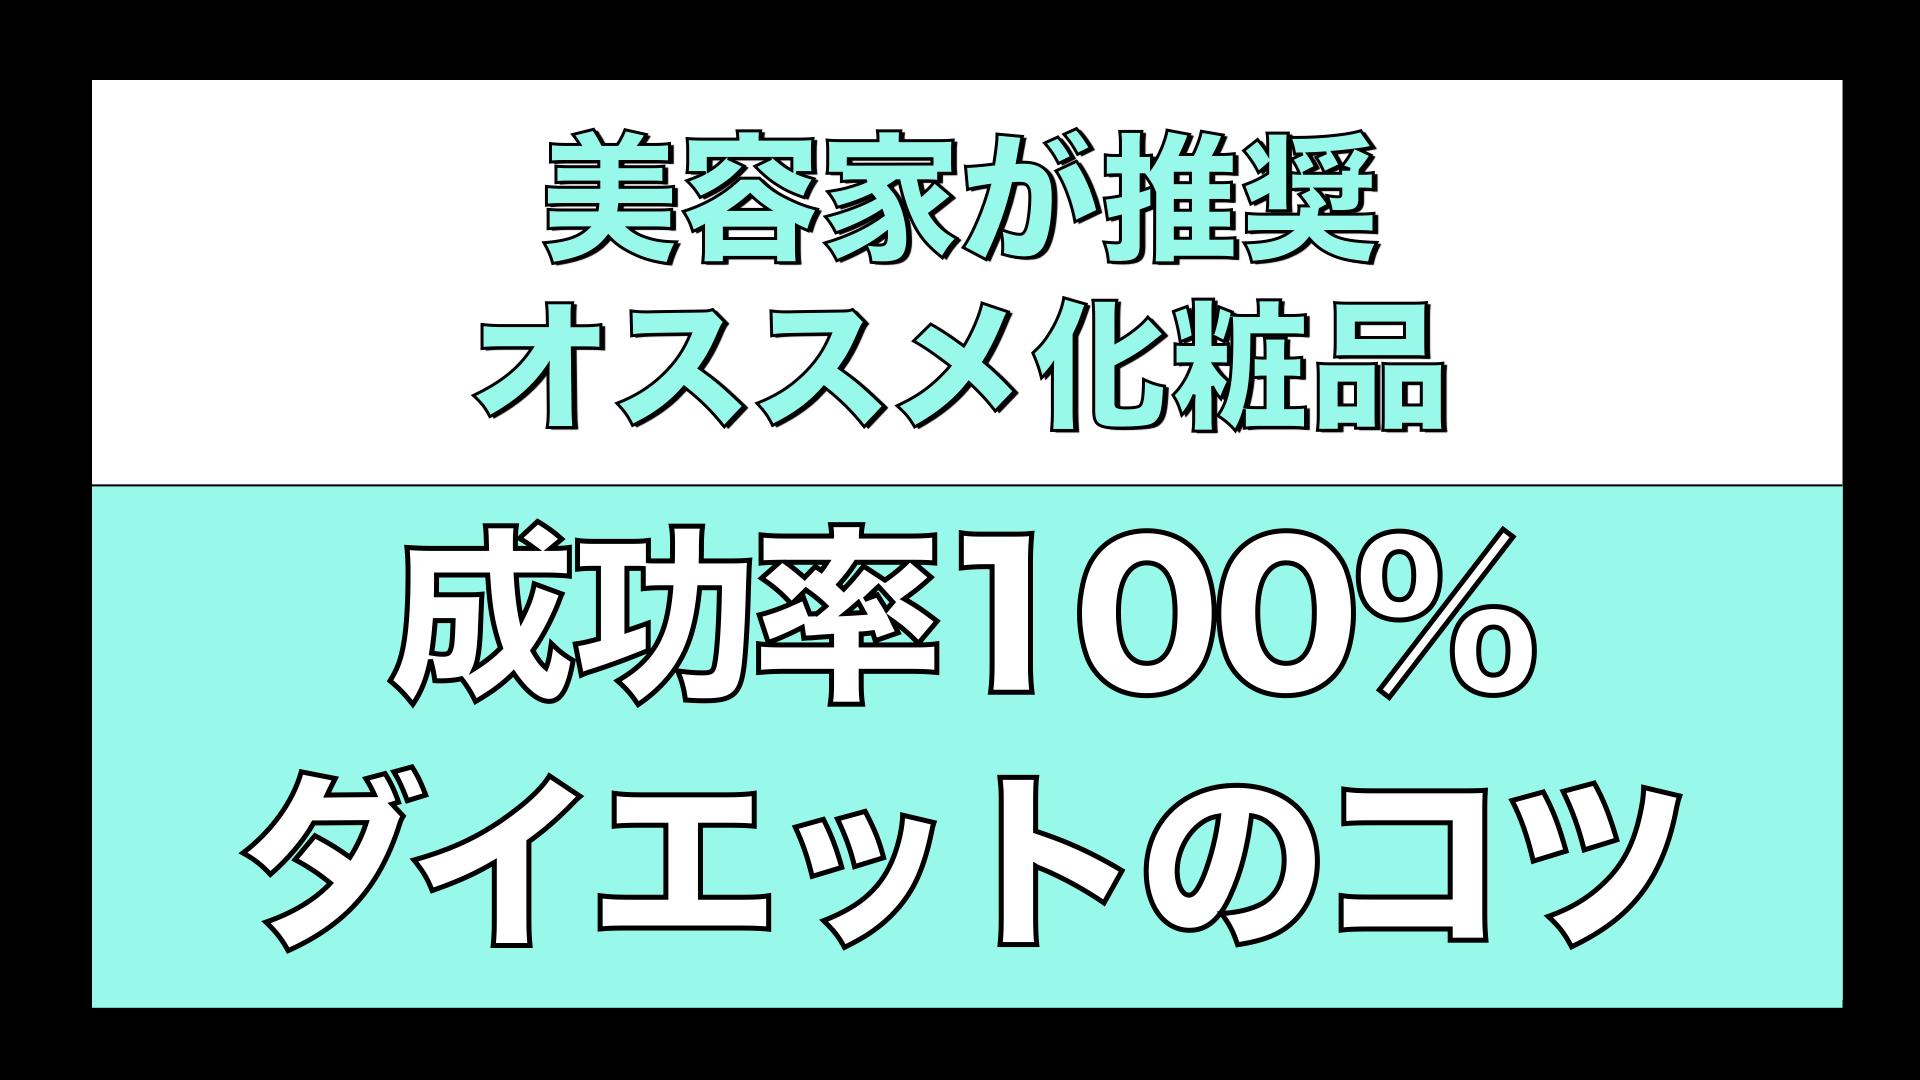 【ダイエット成功率100%】コレが絶対に痩せられる最強の攻略法です